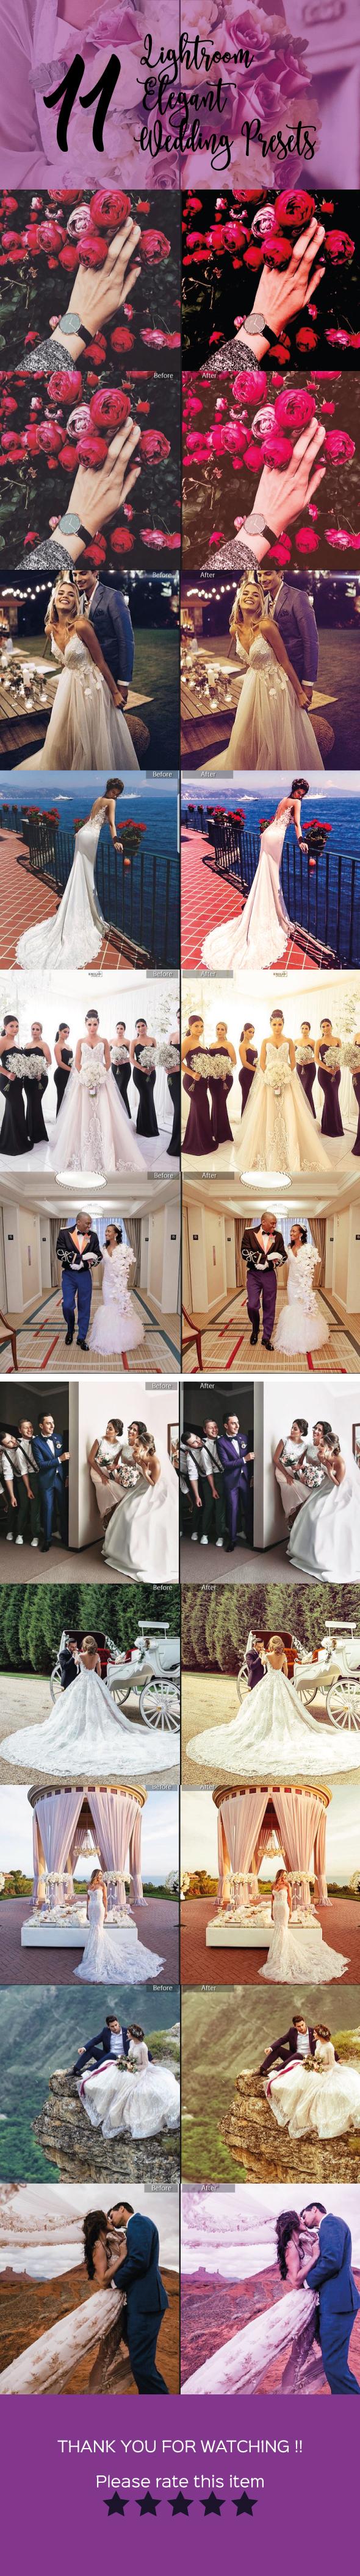 11 Elegant Lightroom Wedding Presets - Wedding Lightroom Presets